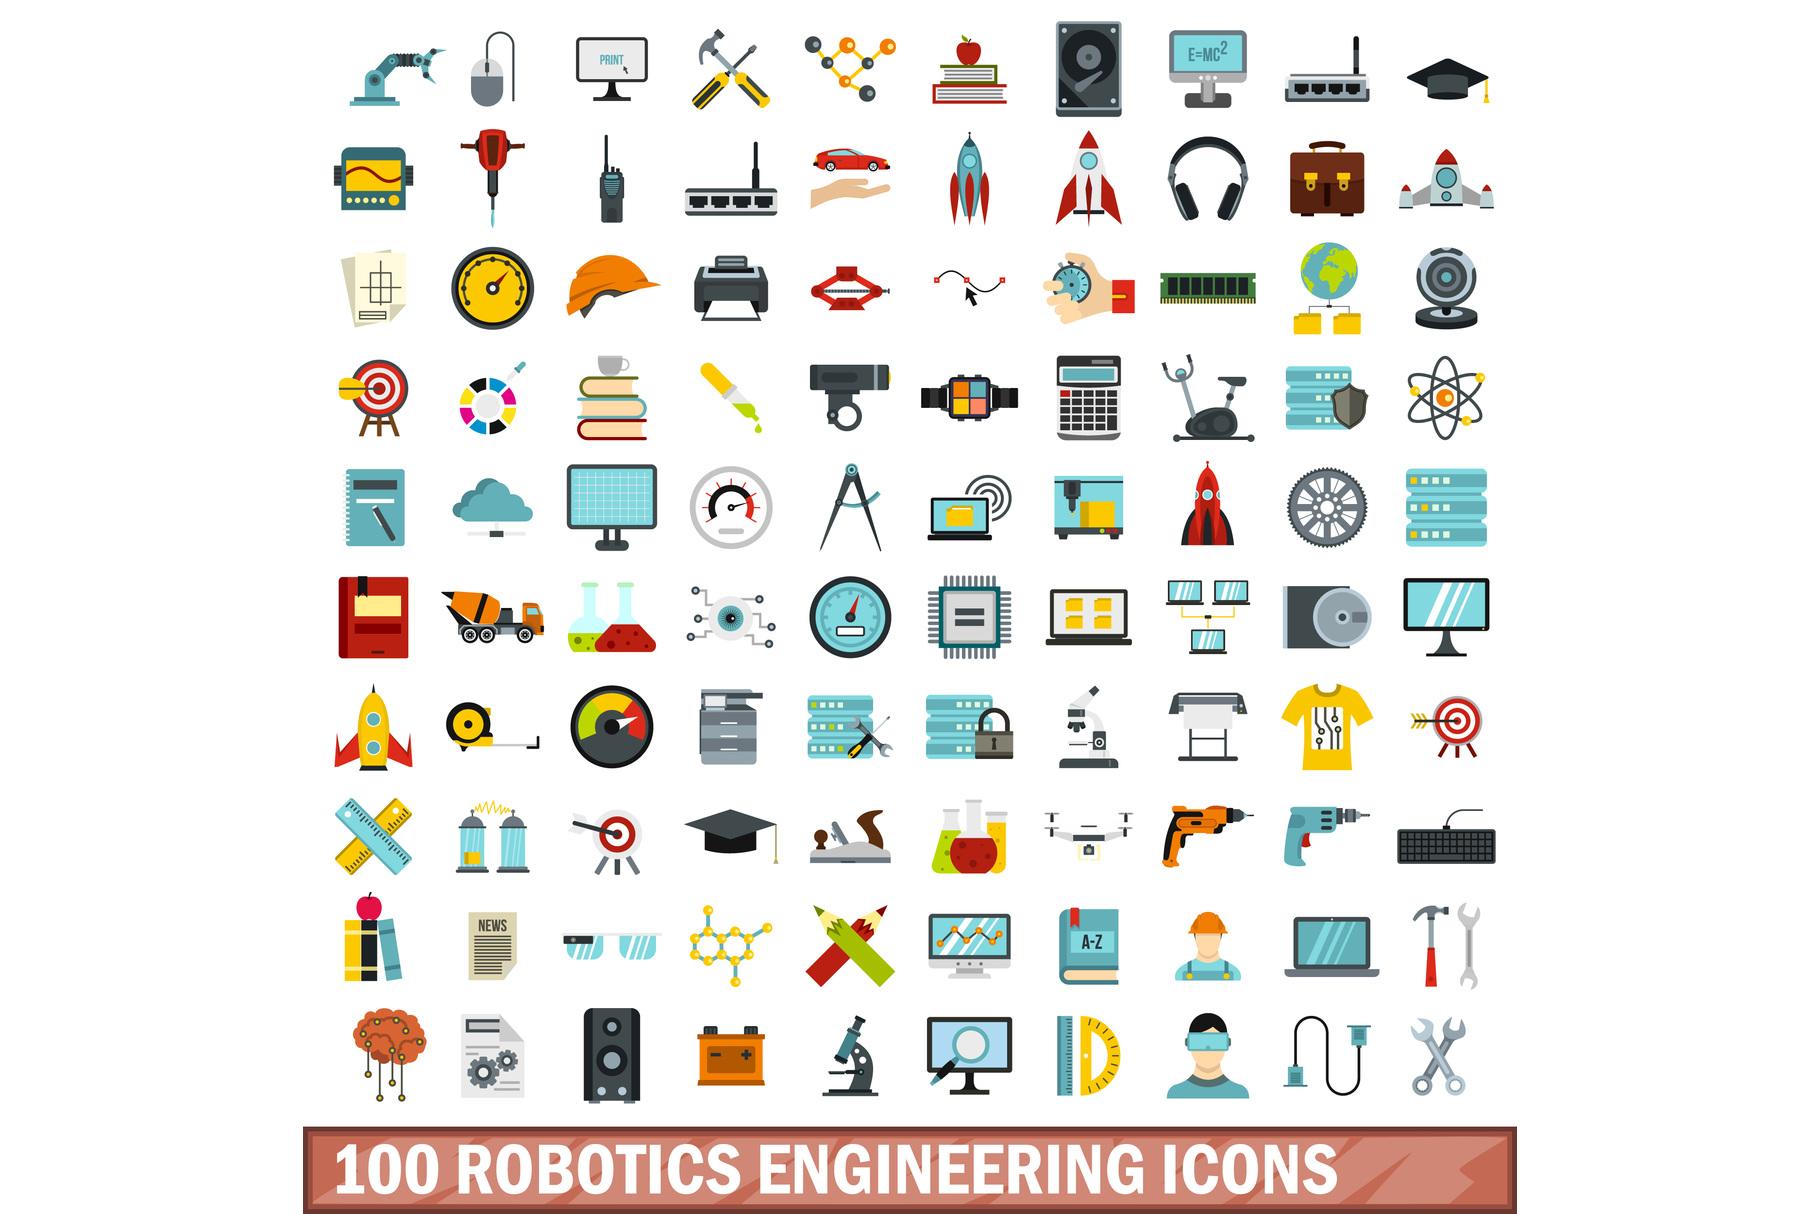 100 robotics engineering icons set, flat style example image 1